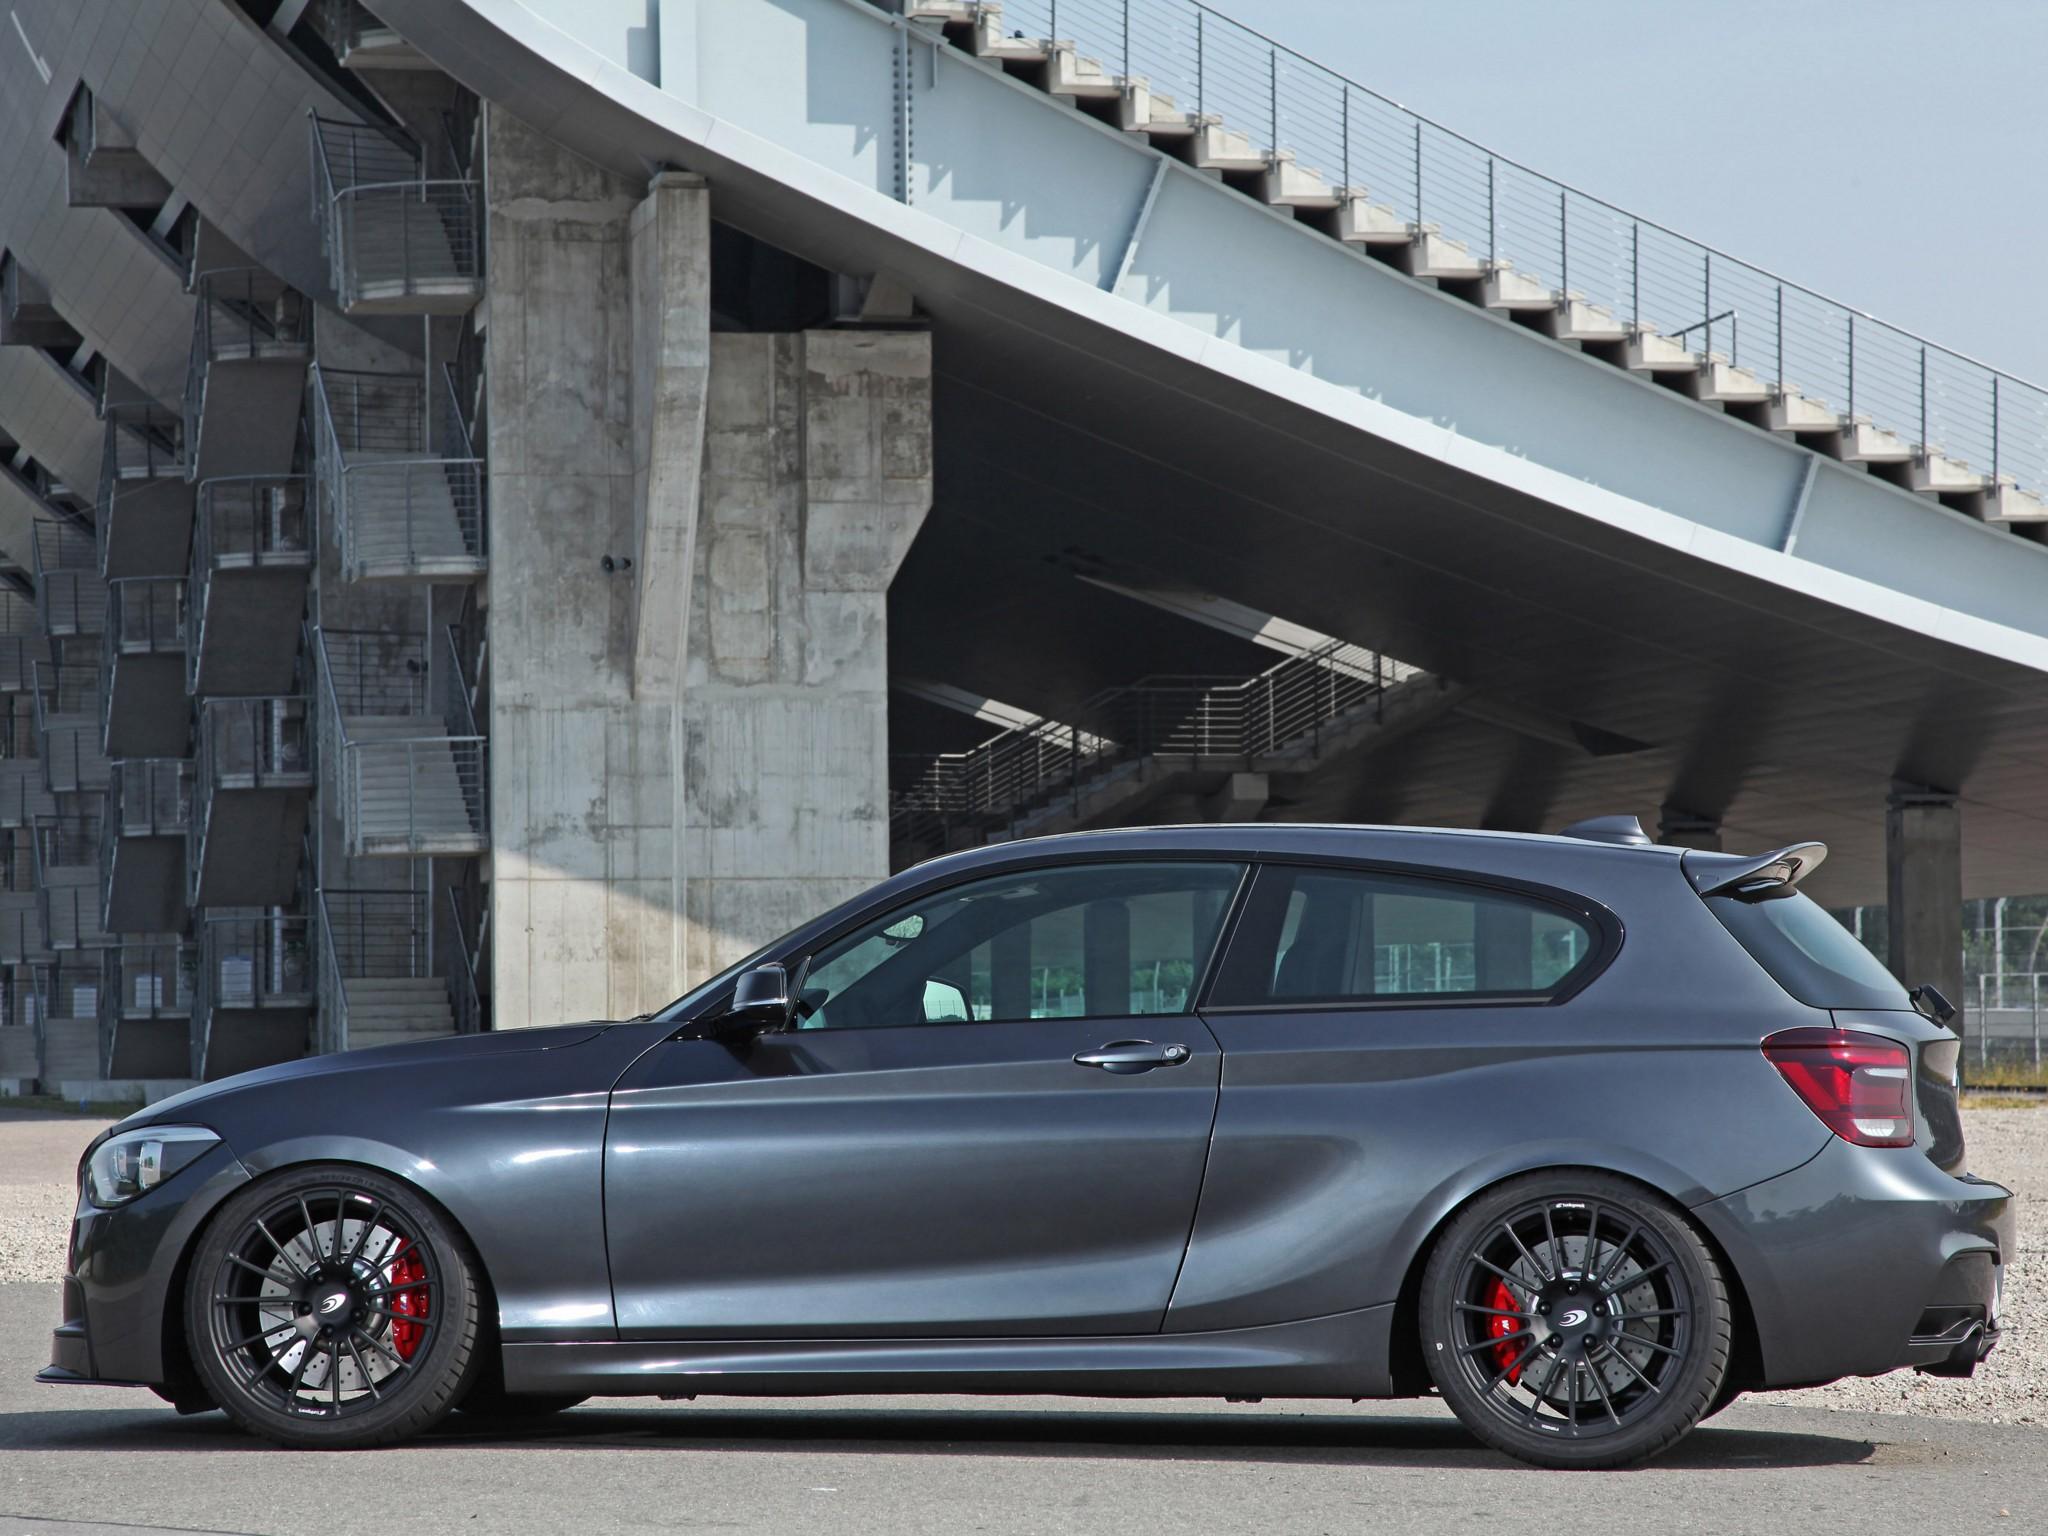 2013_Tuningwerk_BMW_M135i_3_door_F21_tuning_fs_2048x1536.jpg